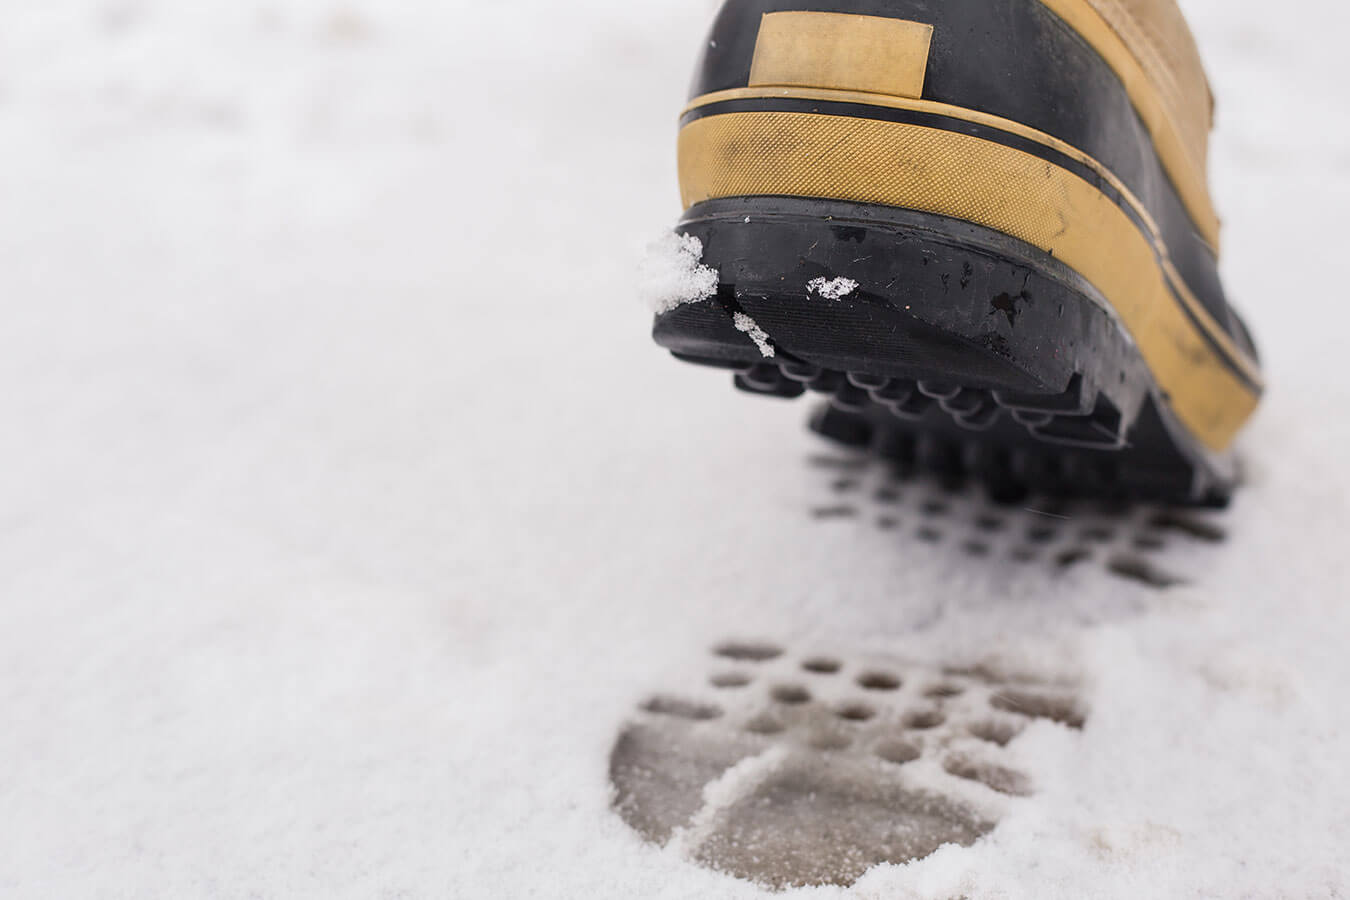 Buty zimowe dla dzieci, ponieważ zima już tu jest [PRZEGLĄD]